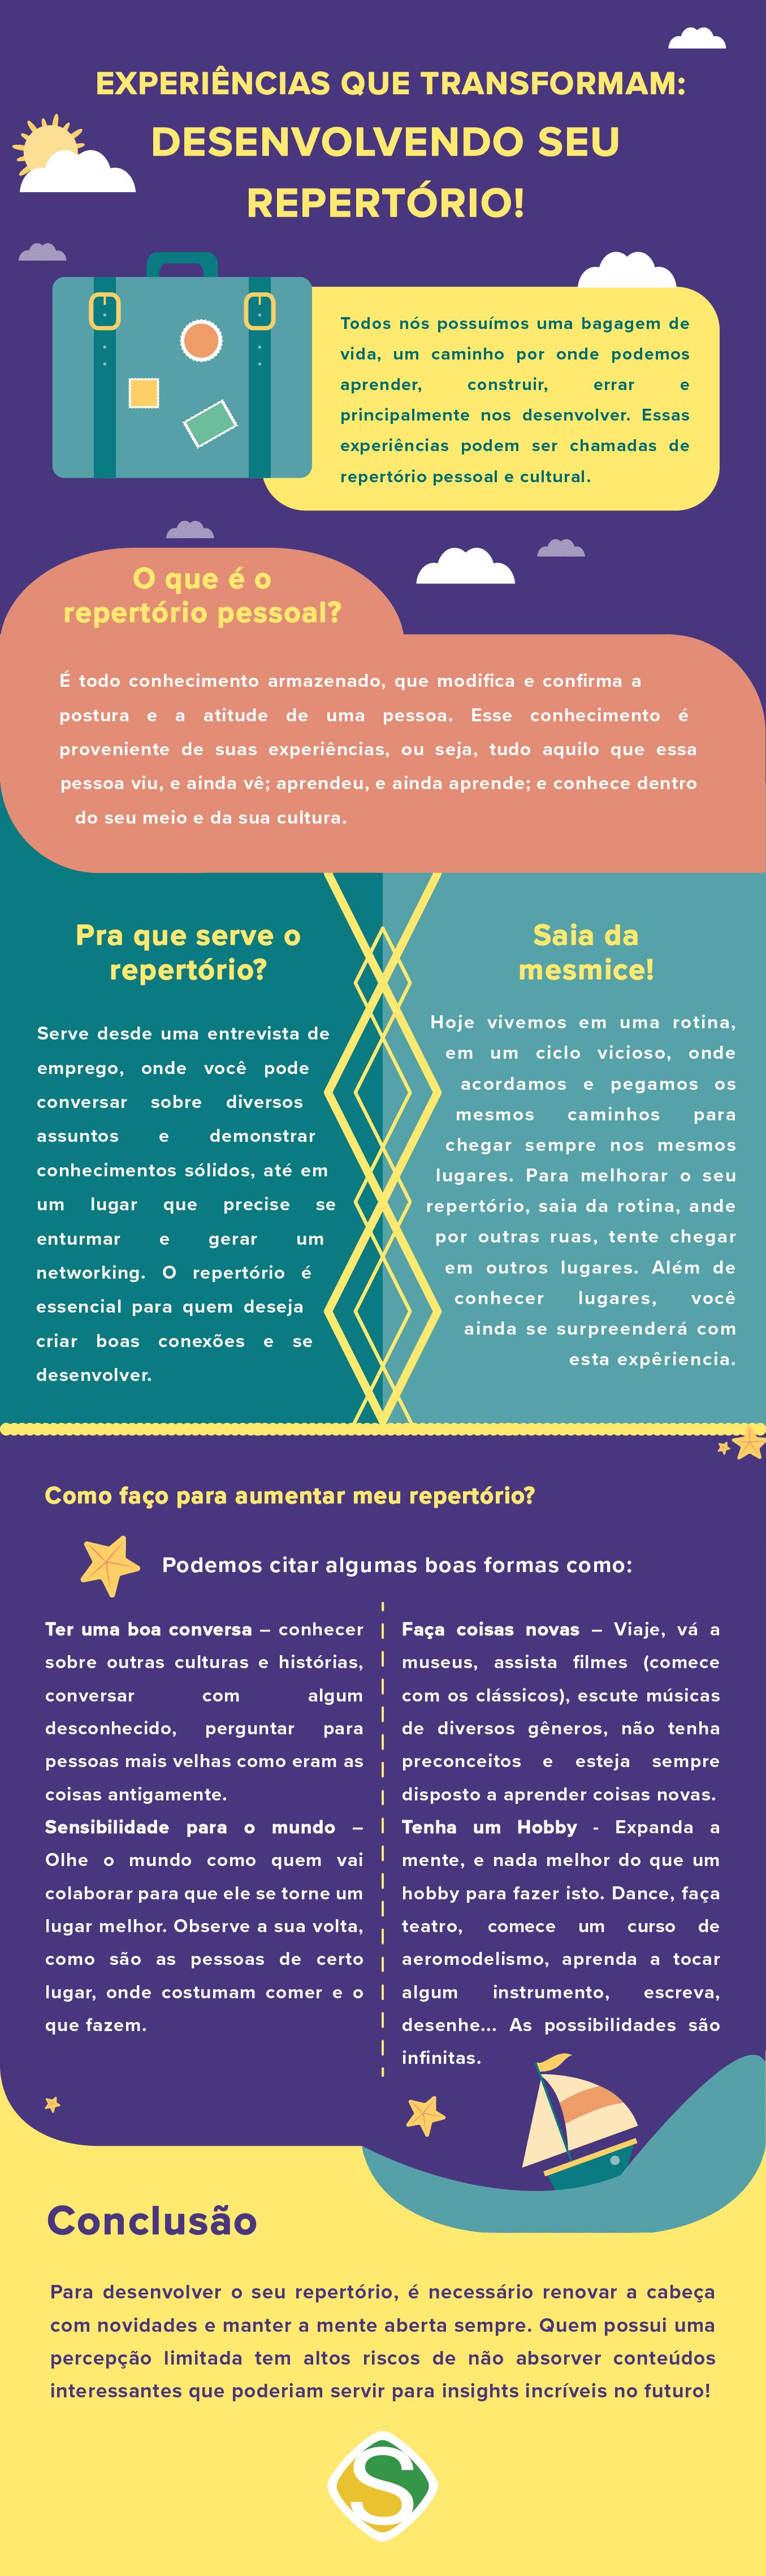 infográfico sobre o desenvolvimento pessoal